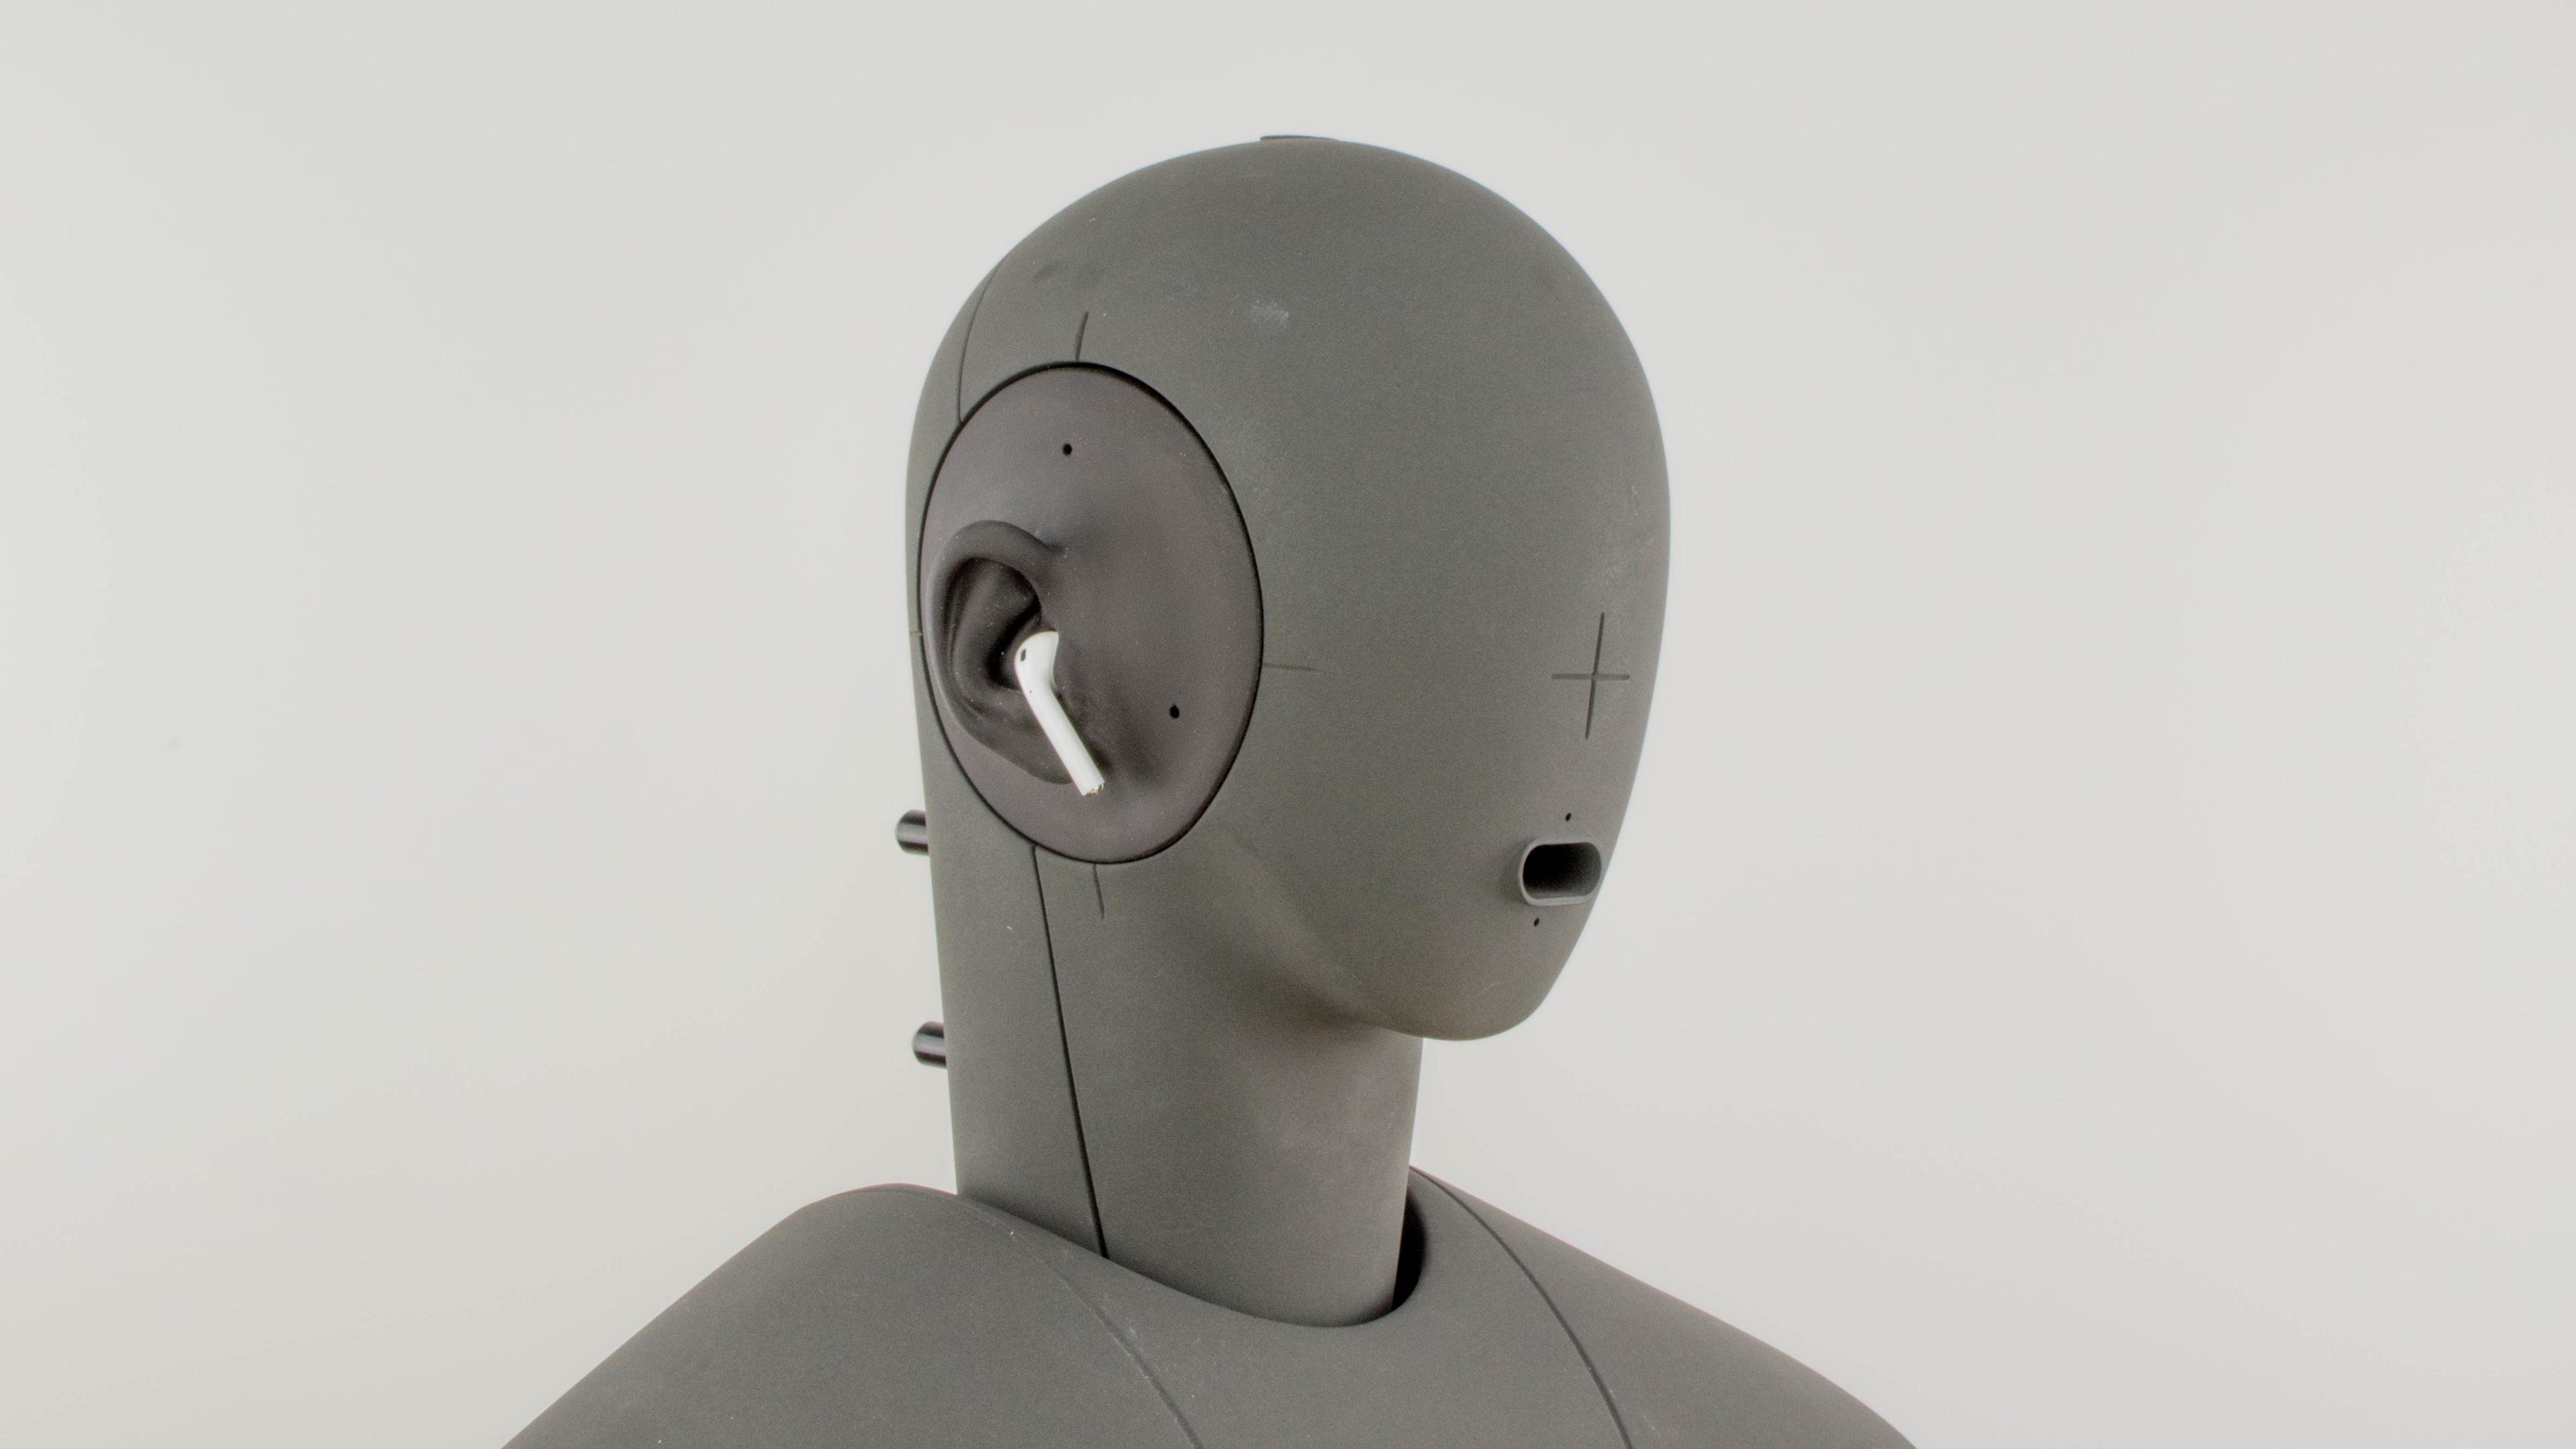 Полностью новые беспроводные наушники Apple Air Pods выйдут в 2020 году а обновлённая модель появится в следующем квартале